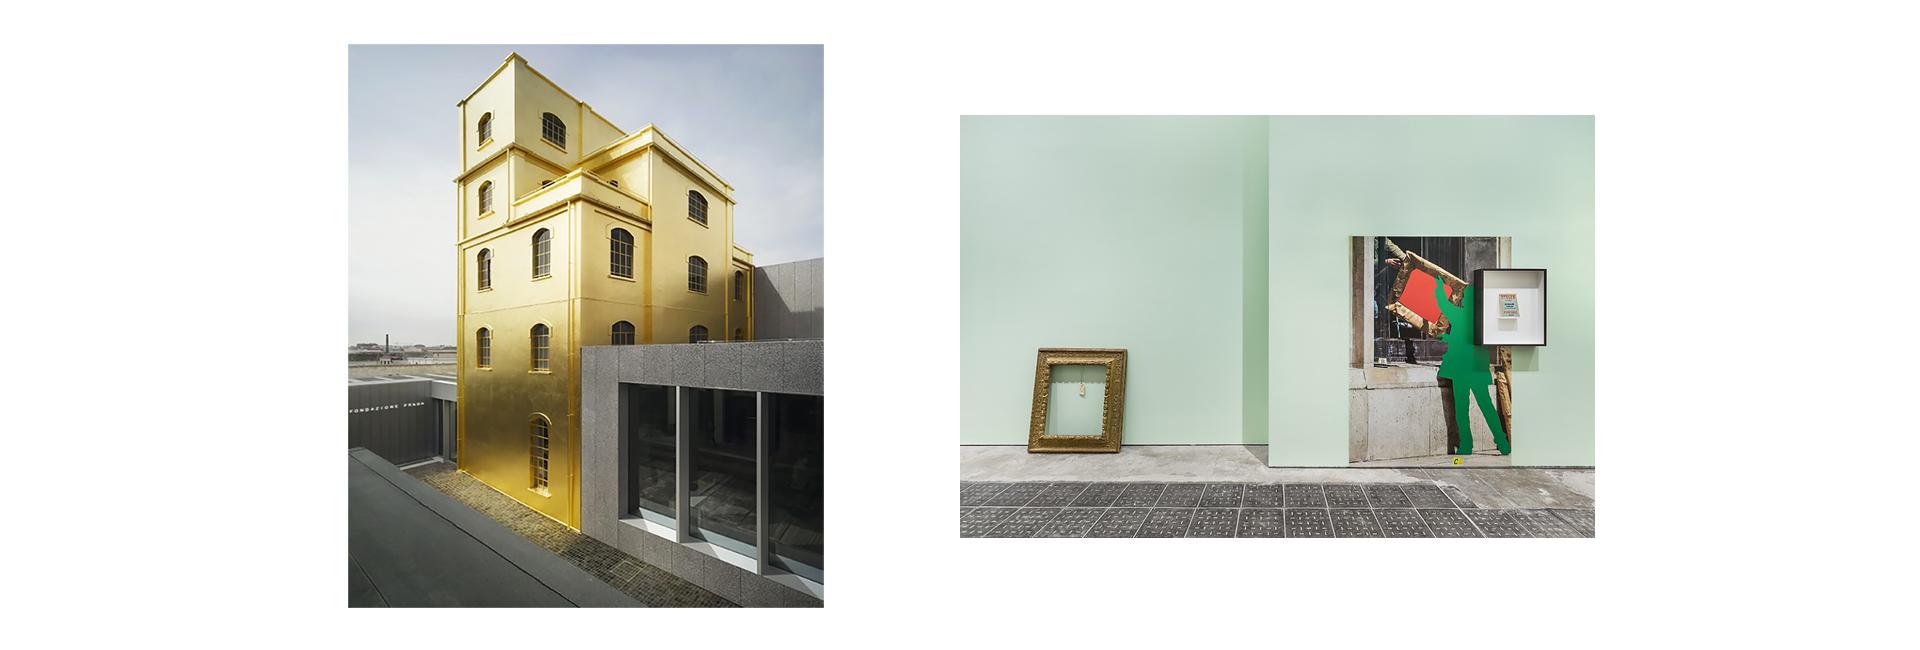 Как устроены частные музеи Louis Vuitton и Prada (фото 3)